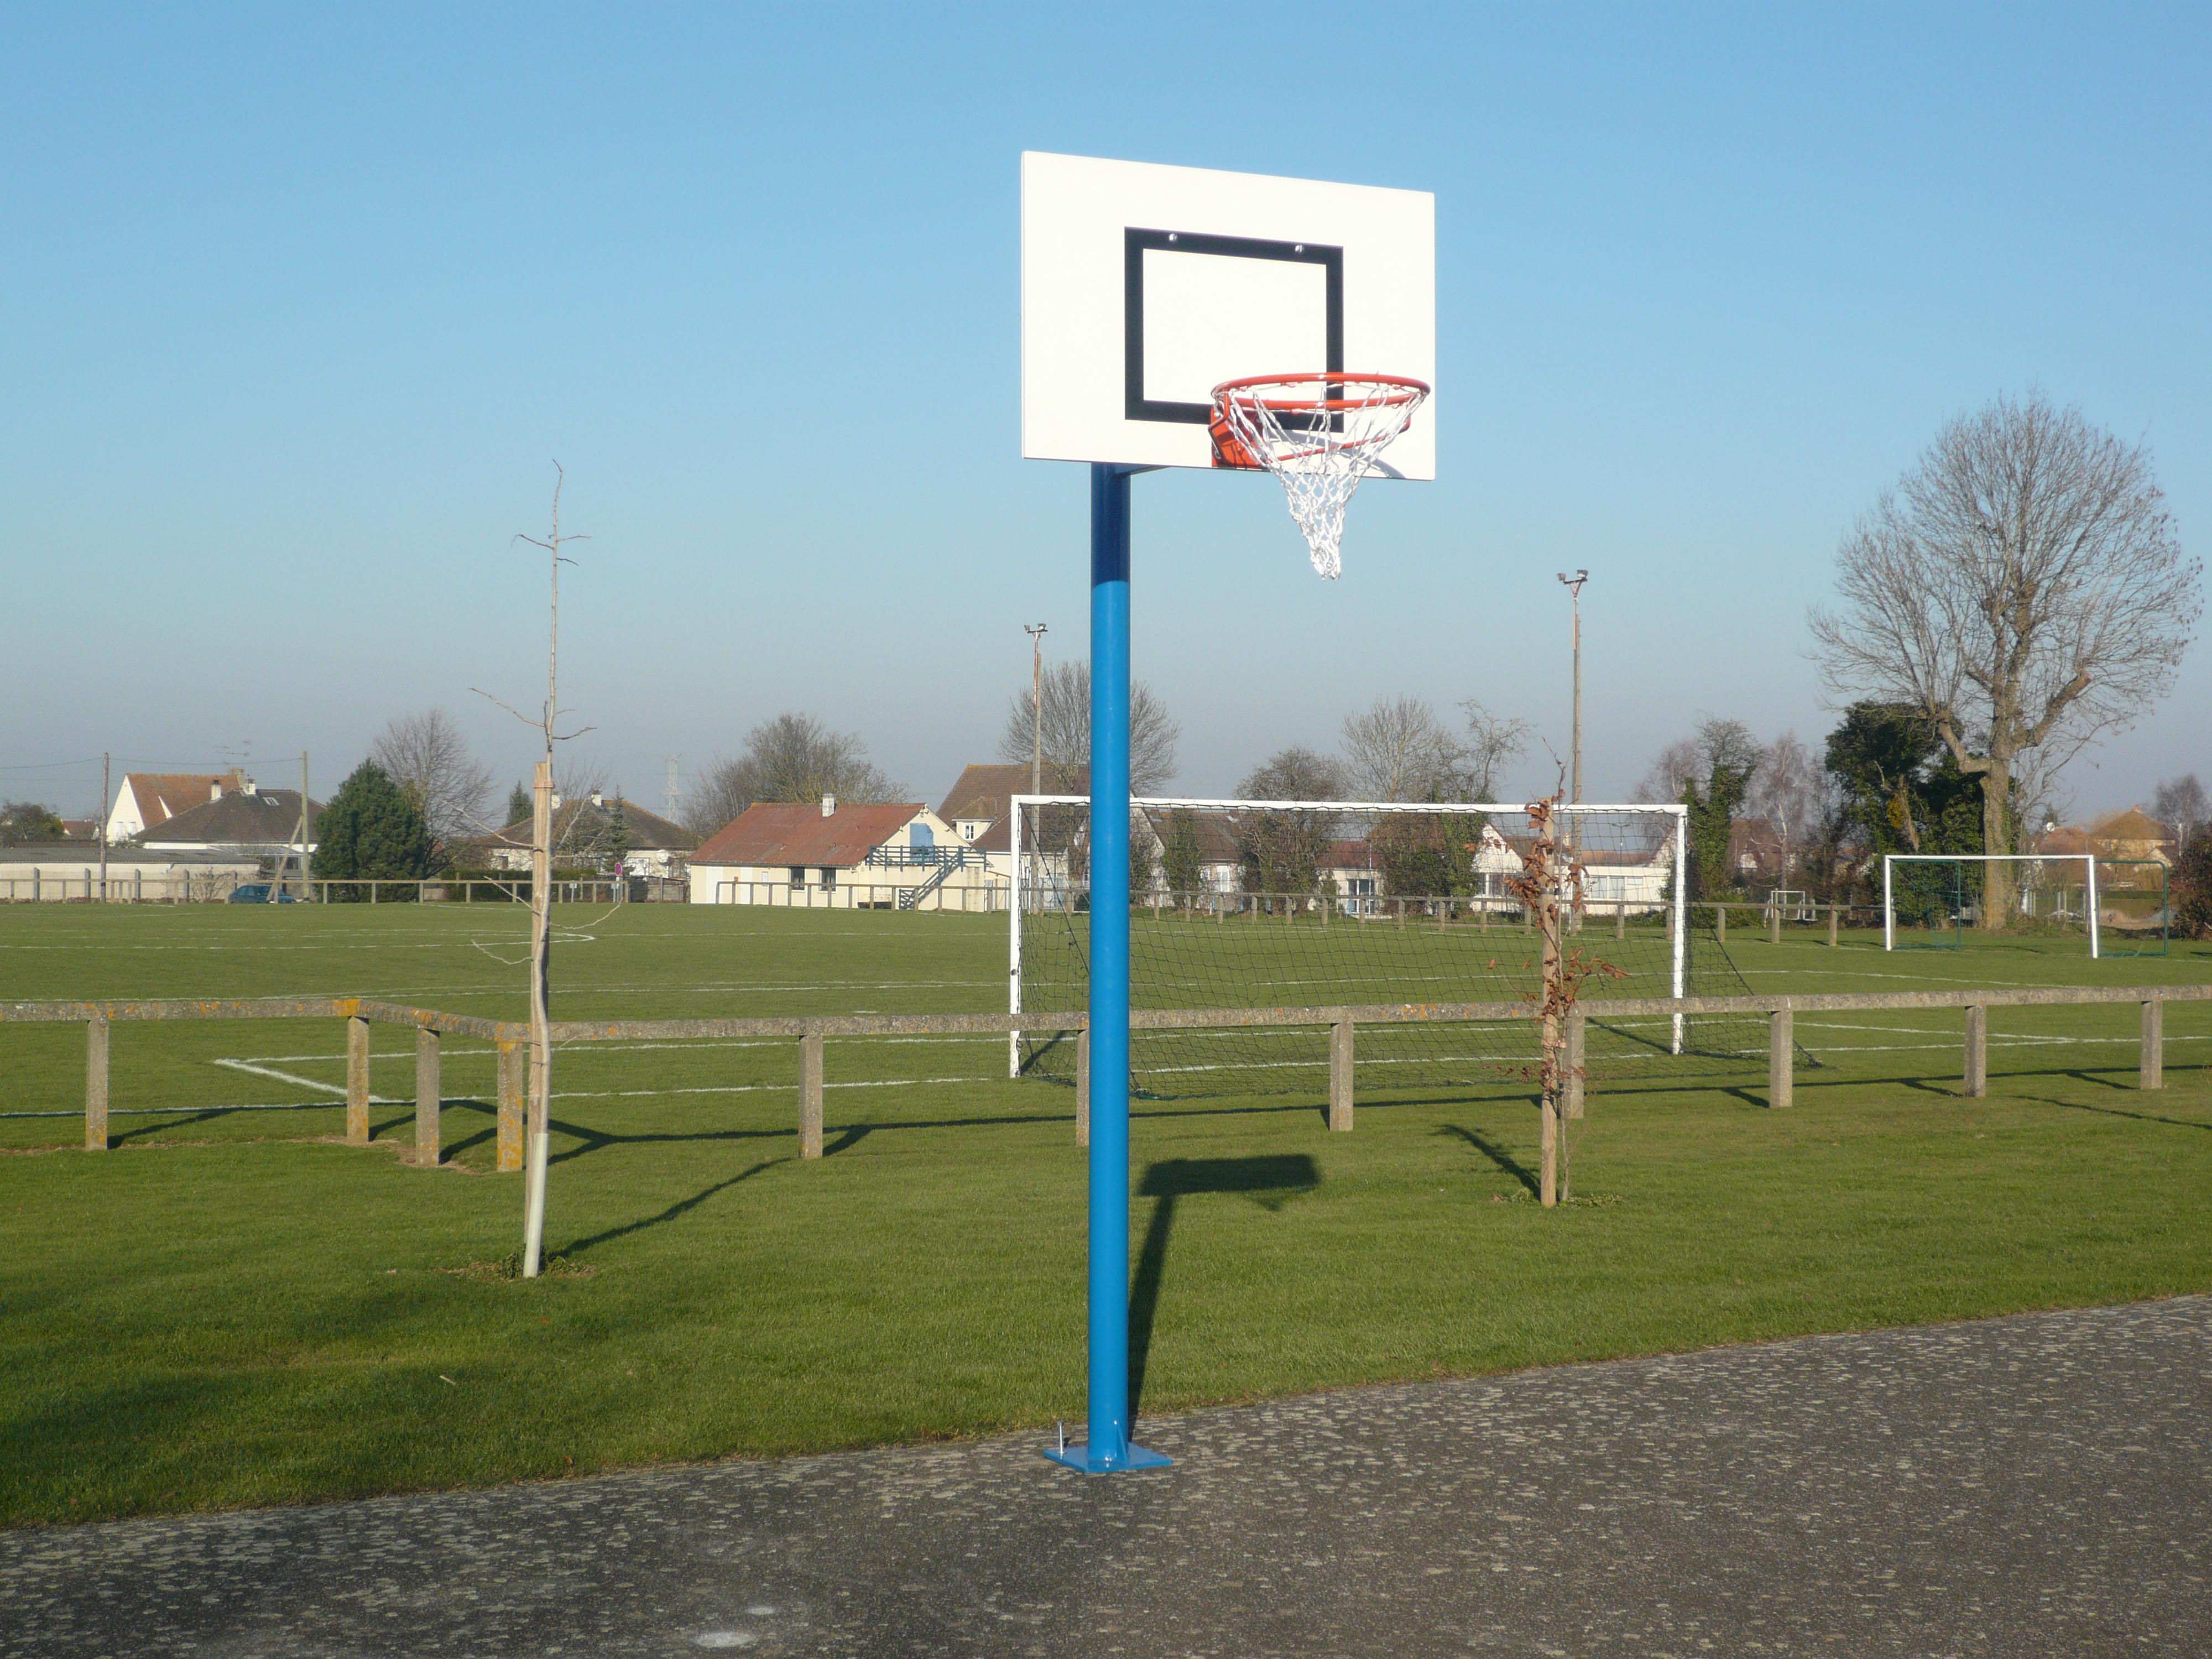 Image of   Basketball Goal galvaniseret - 2,60 m - direkte forsegling - Udhæng 0,6 m